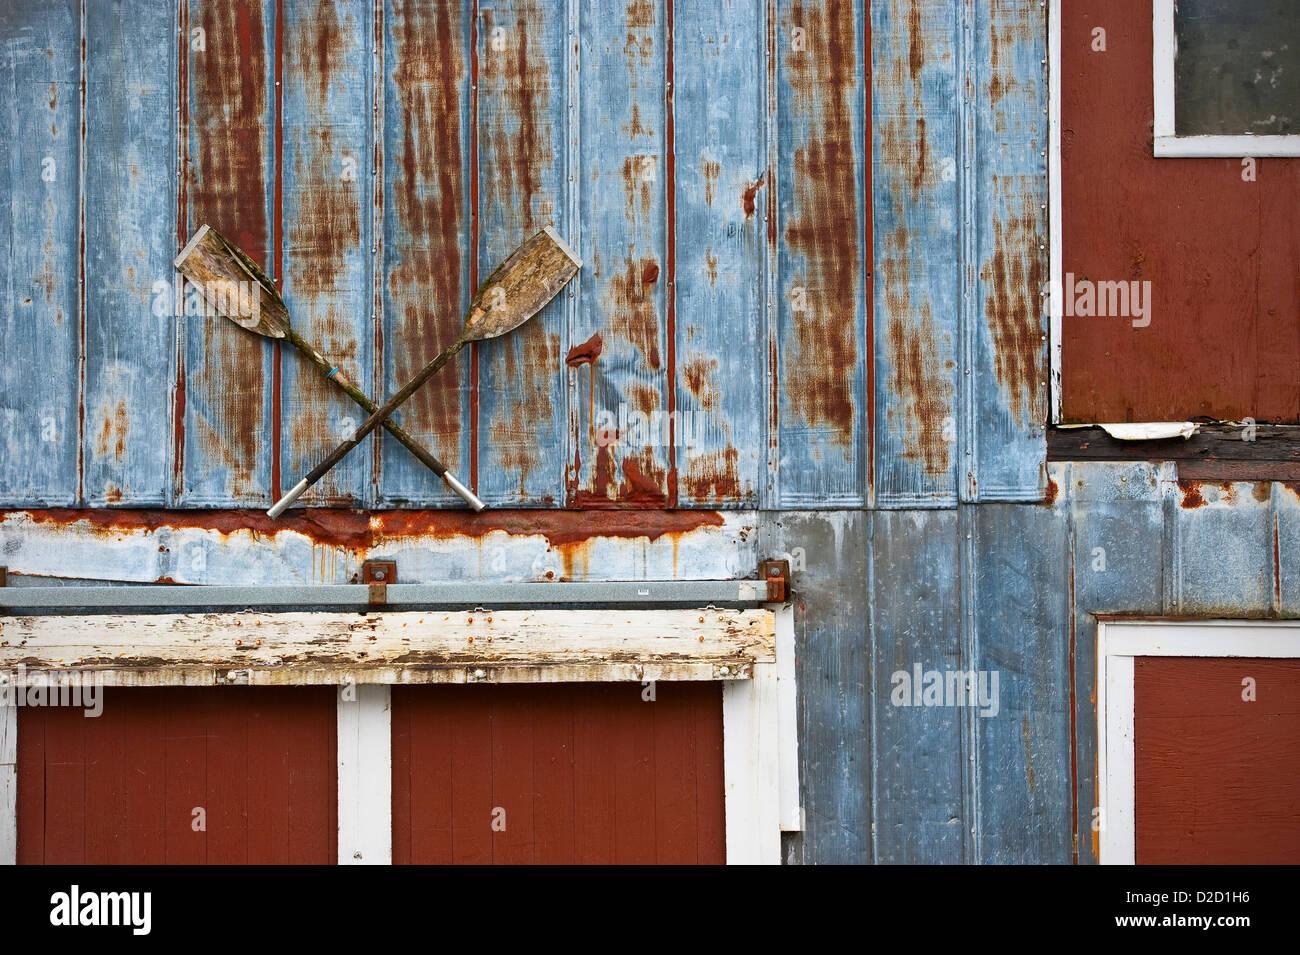 Sheldon Jackson boat house detail of doors with canoe paddle decoration in Sitka Alaska USA & Sheldon Jackson boat house detail of doors with canoe paddle Stock ...